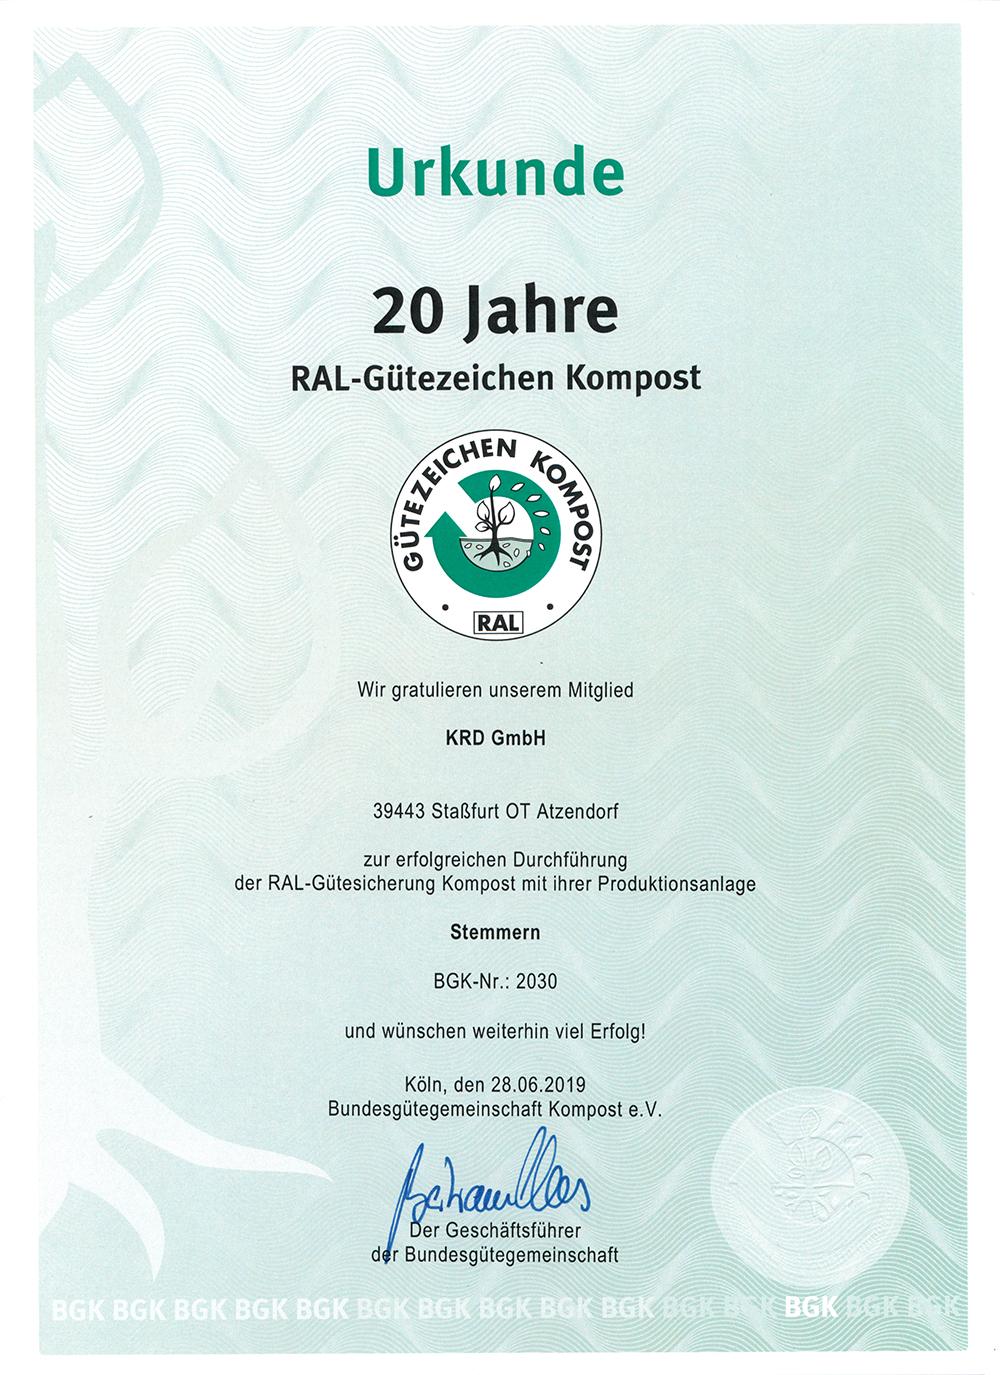 Urkunde 20 Jahre RAL-Gütezeichen Kompost der KRD GmbH